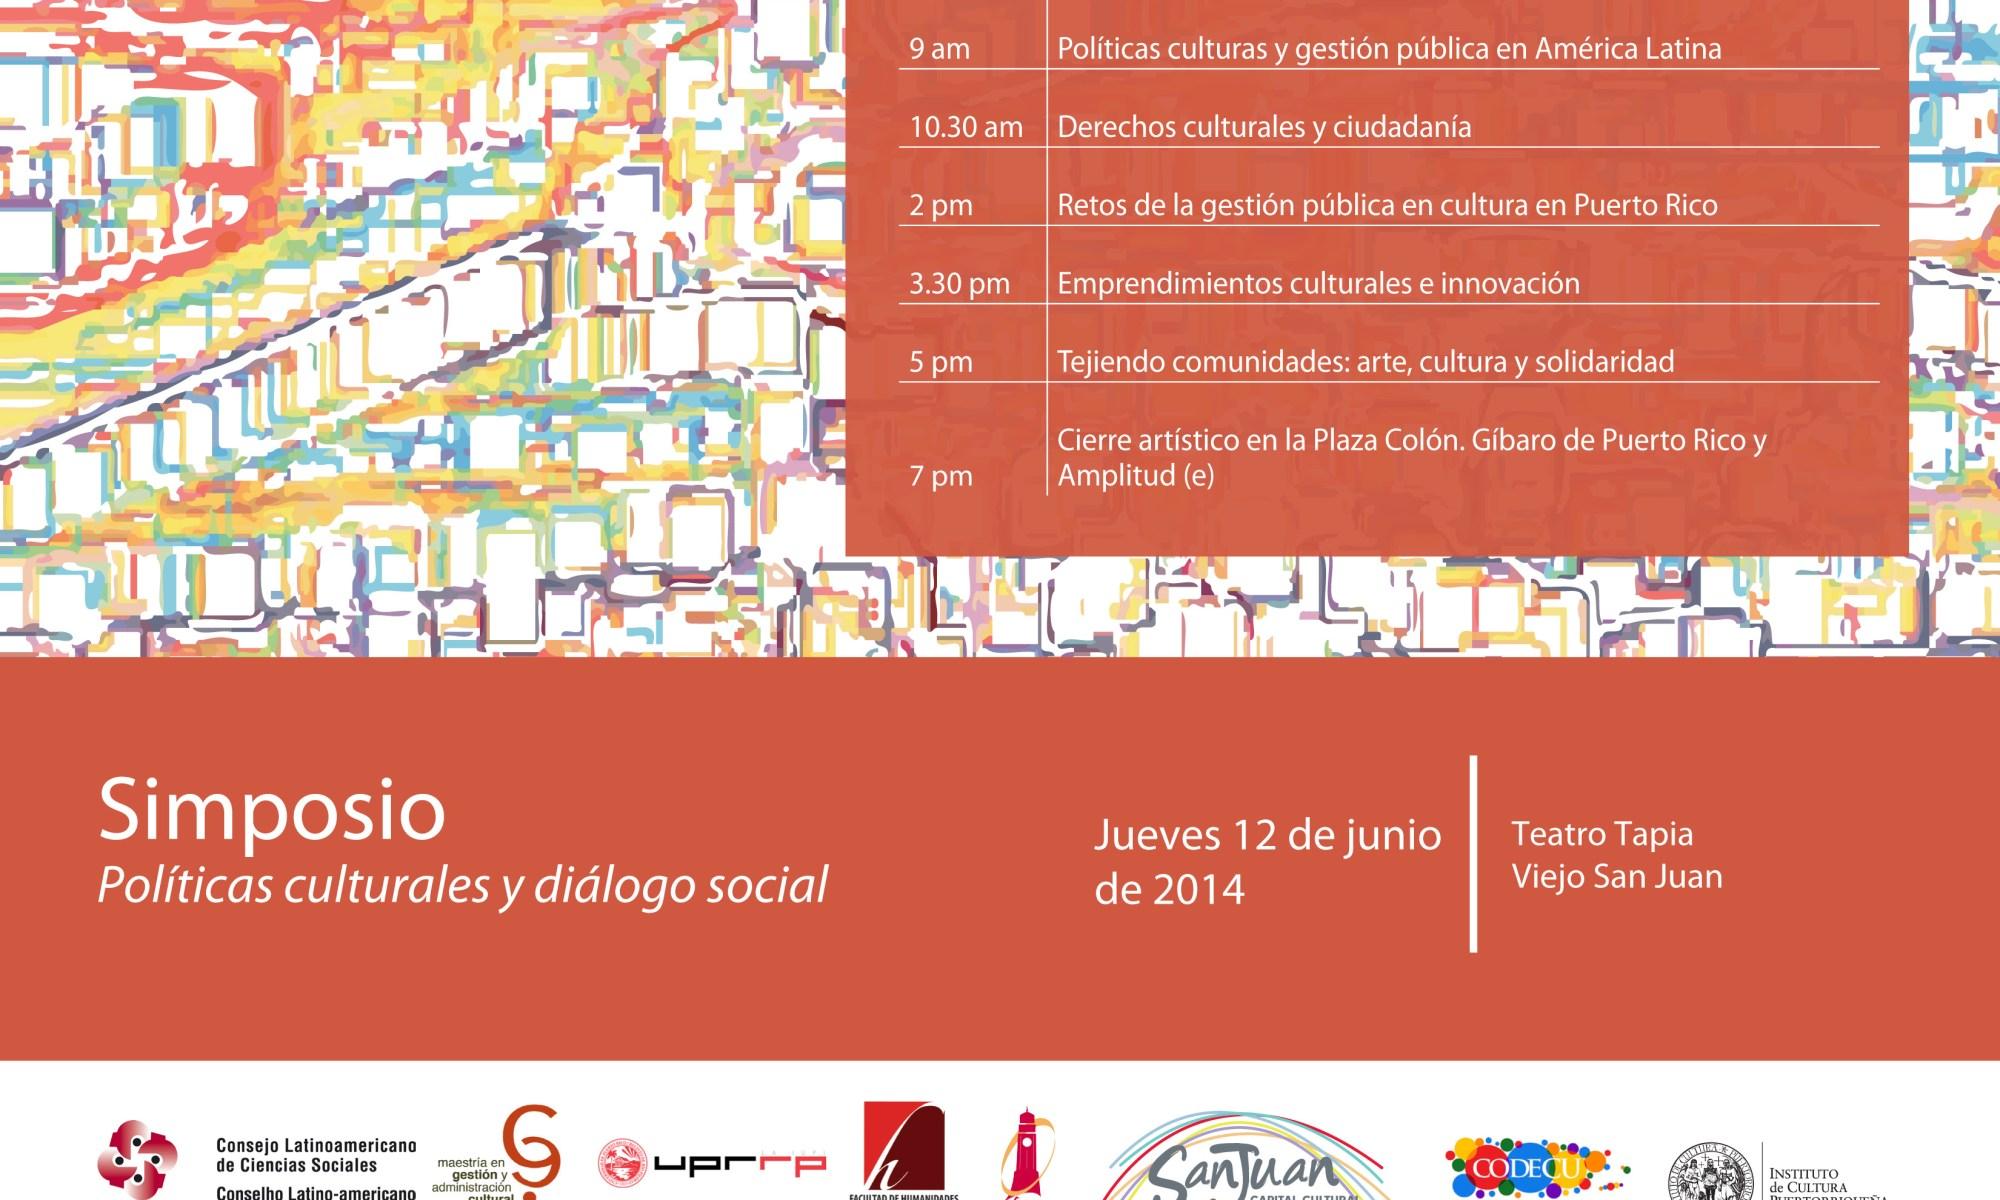 Simposio: Políticas culturales y diálogo social